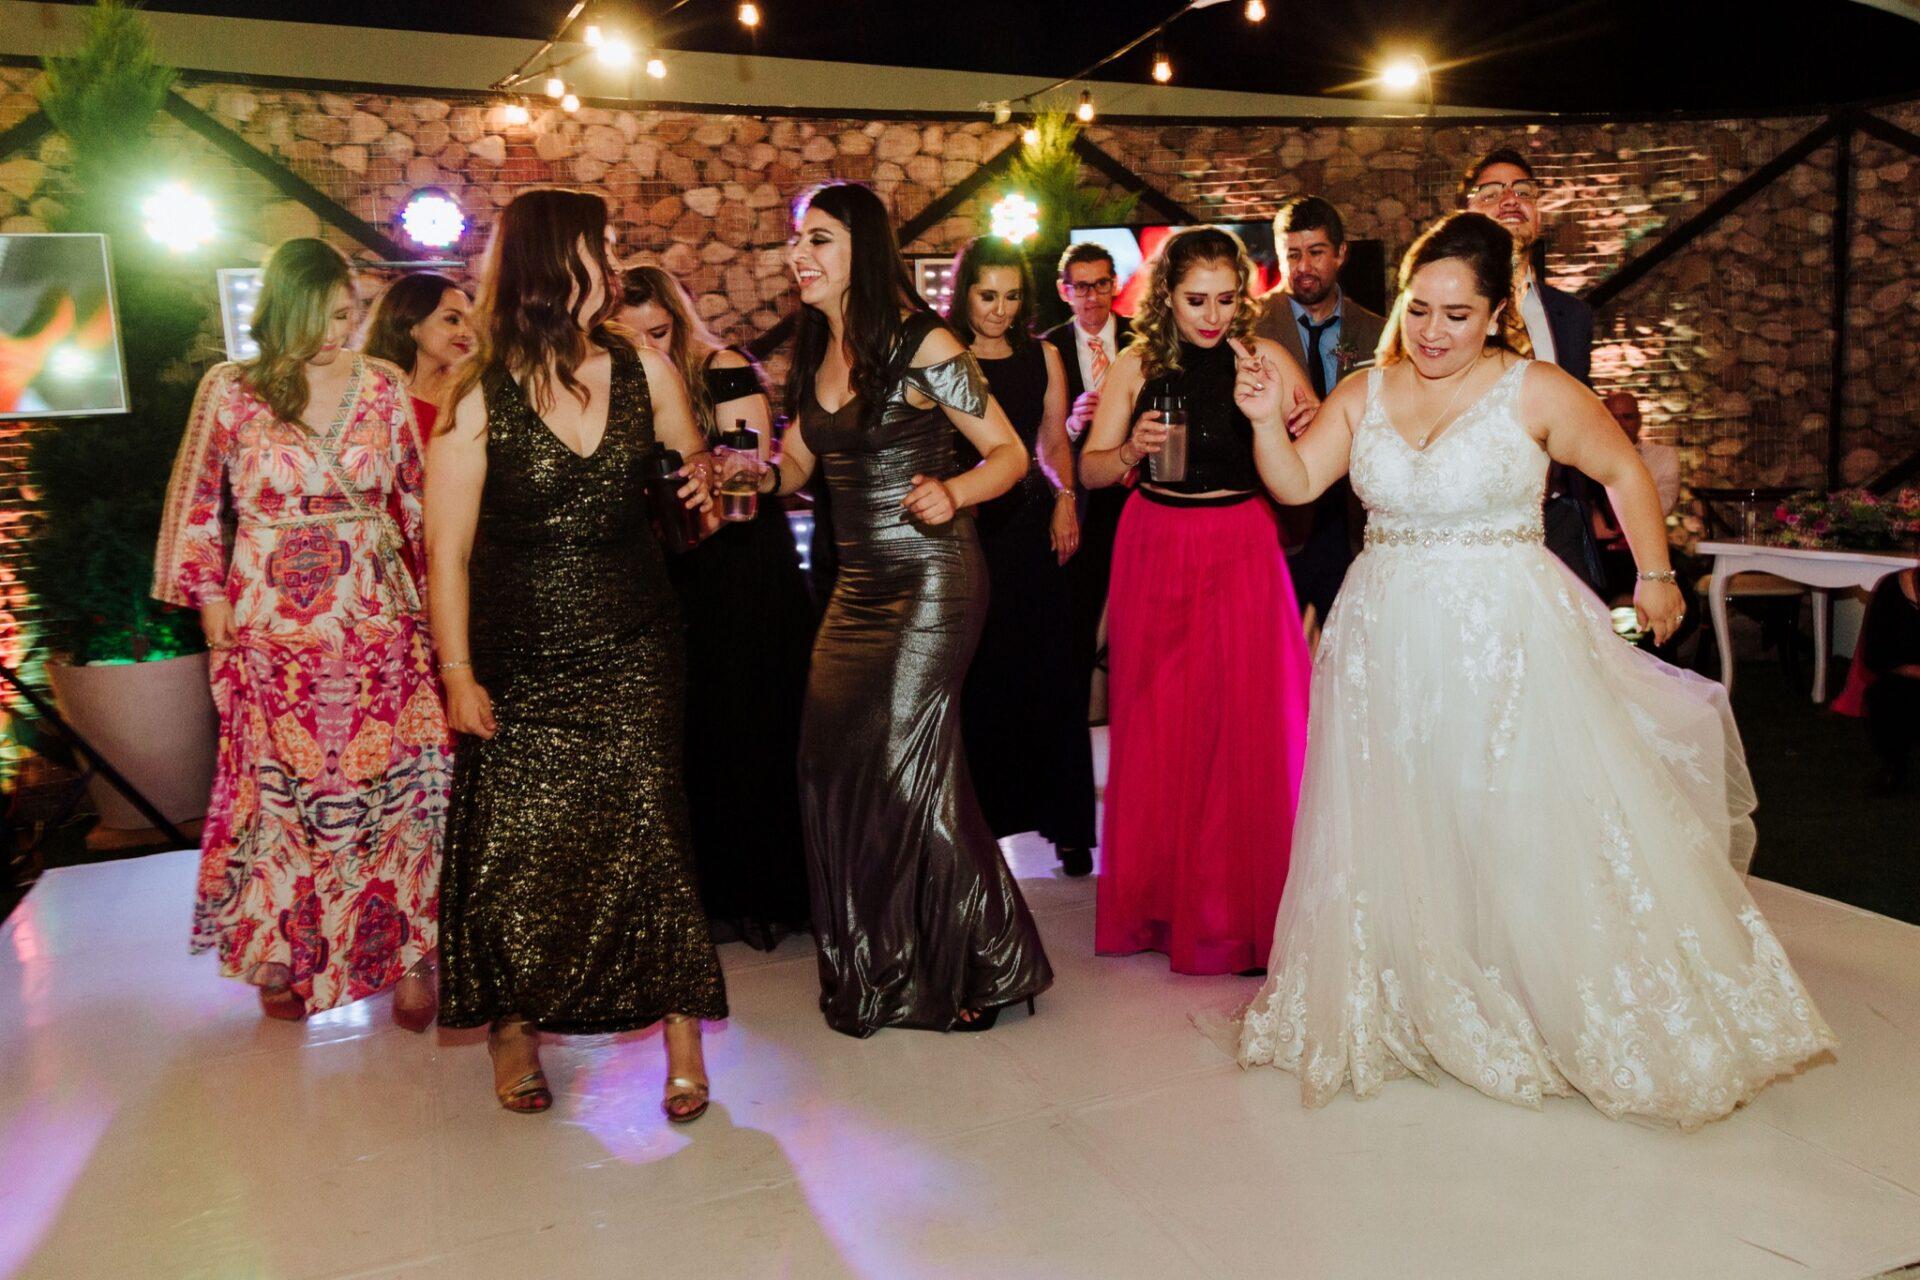 javier_noriega_fotografo_bodas_los_gaviones_zacatecas_wedding_photographer27